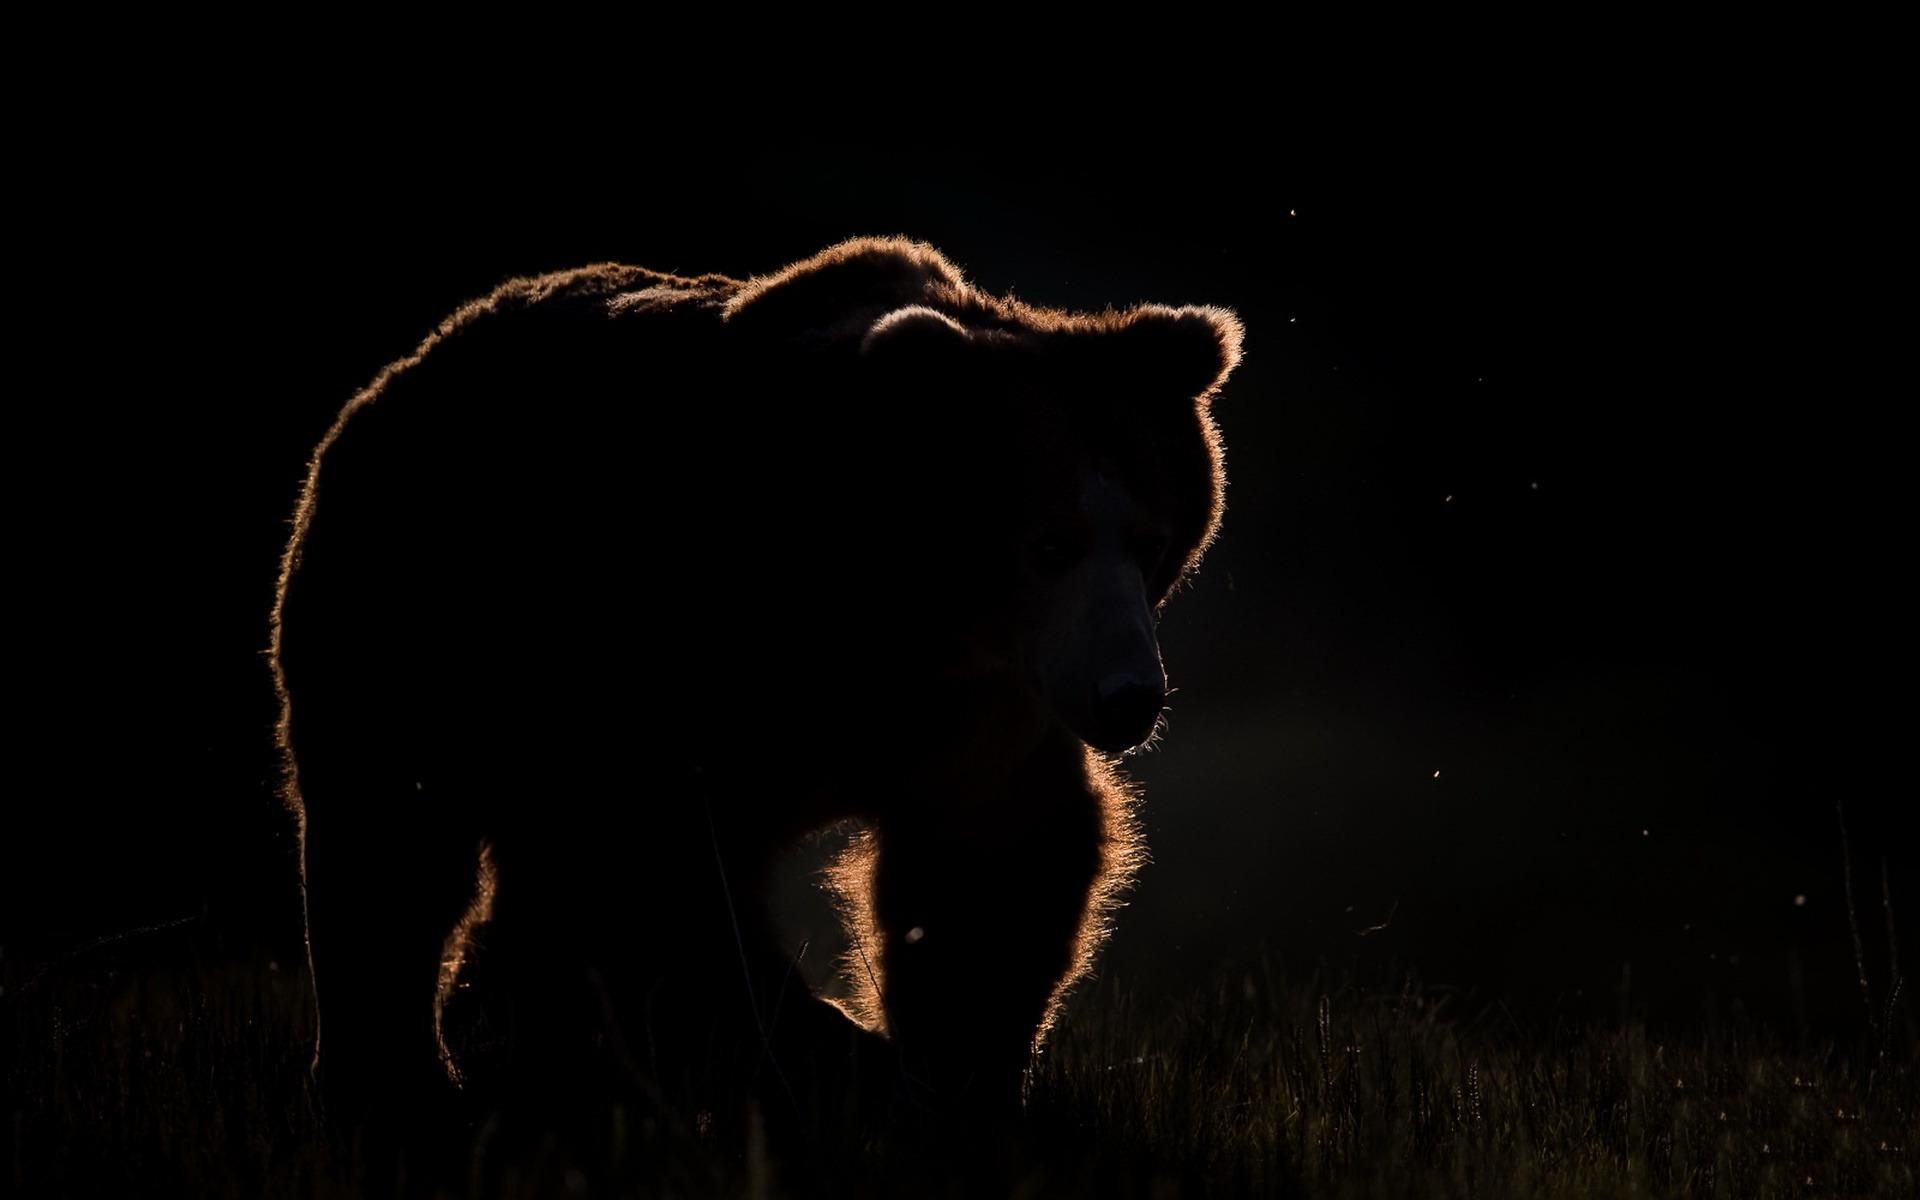 некоторые картинки медведь на черном фоне берет уроки